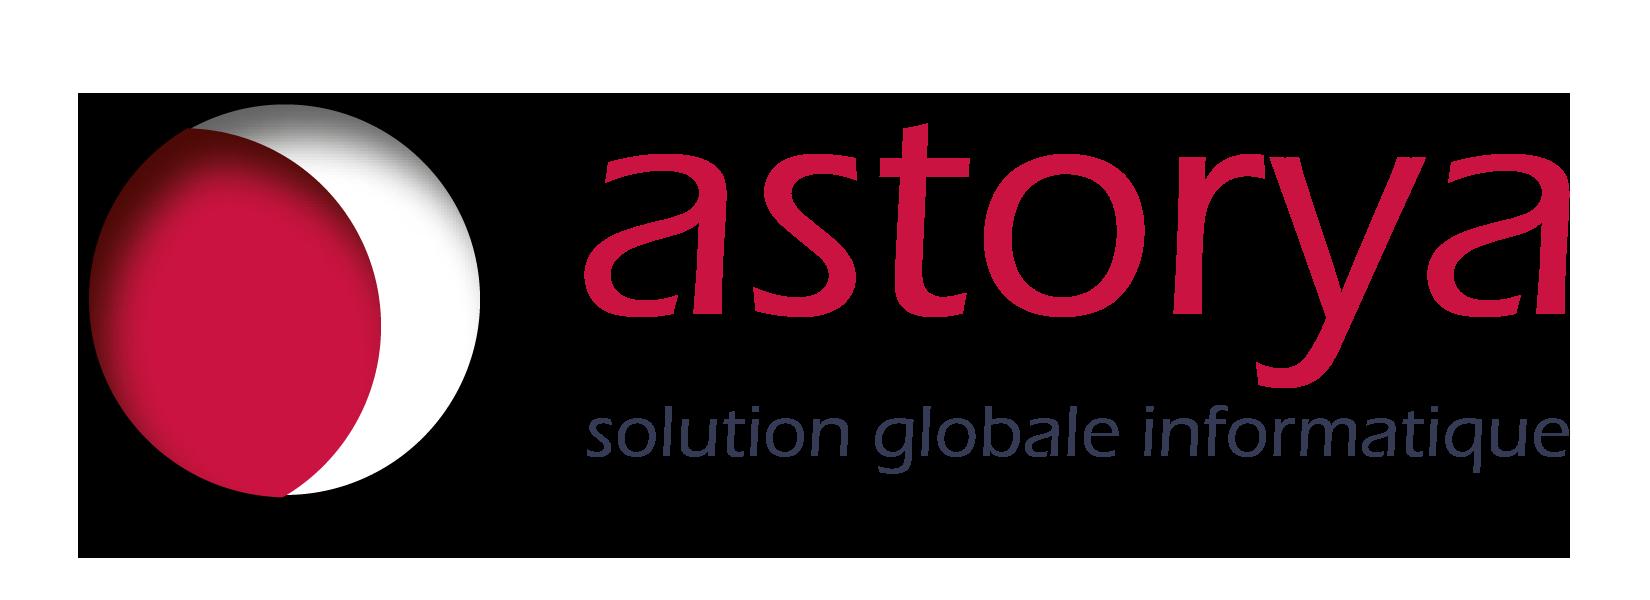 ASTORYA S.G.I.